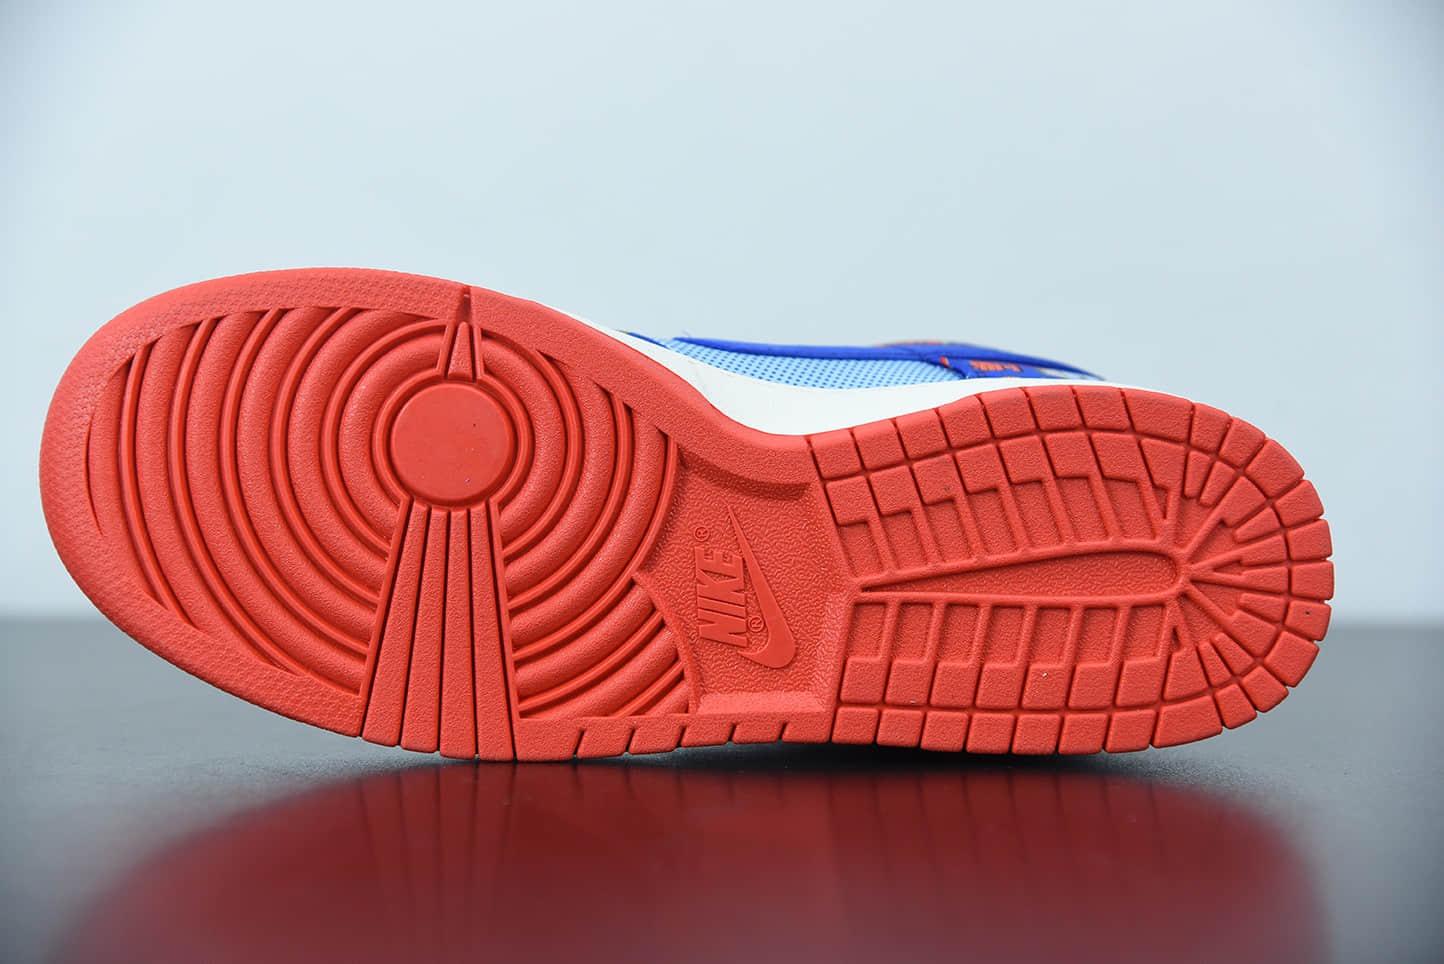 耐克Nike Dunk Low 「Firecracker」全新双层刮刮乐蓝红鞭炮低帮休闲板鞋纯原版本 货号:DH4966-446